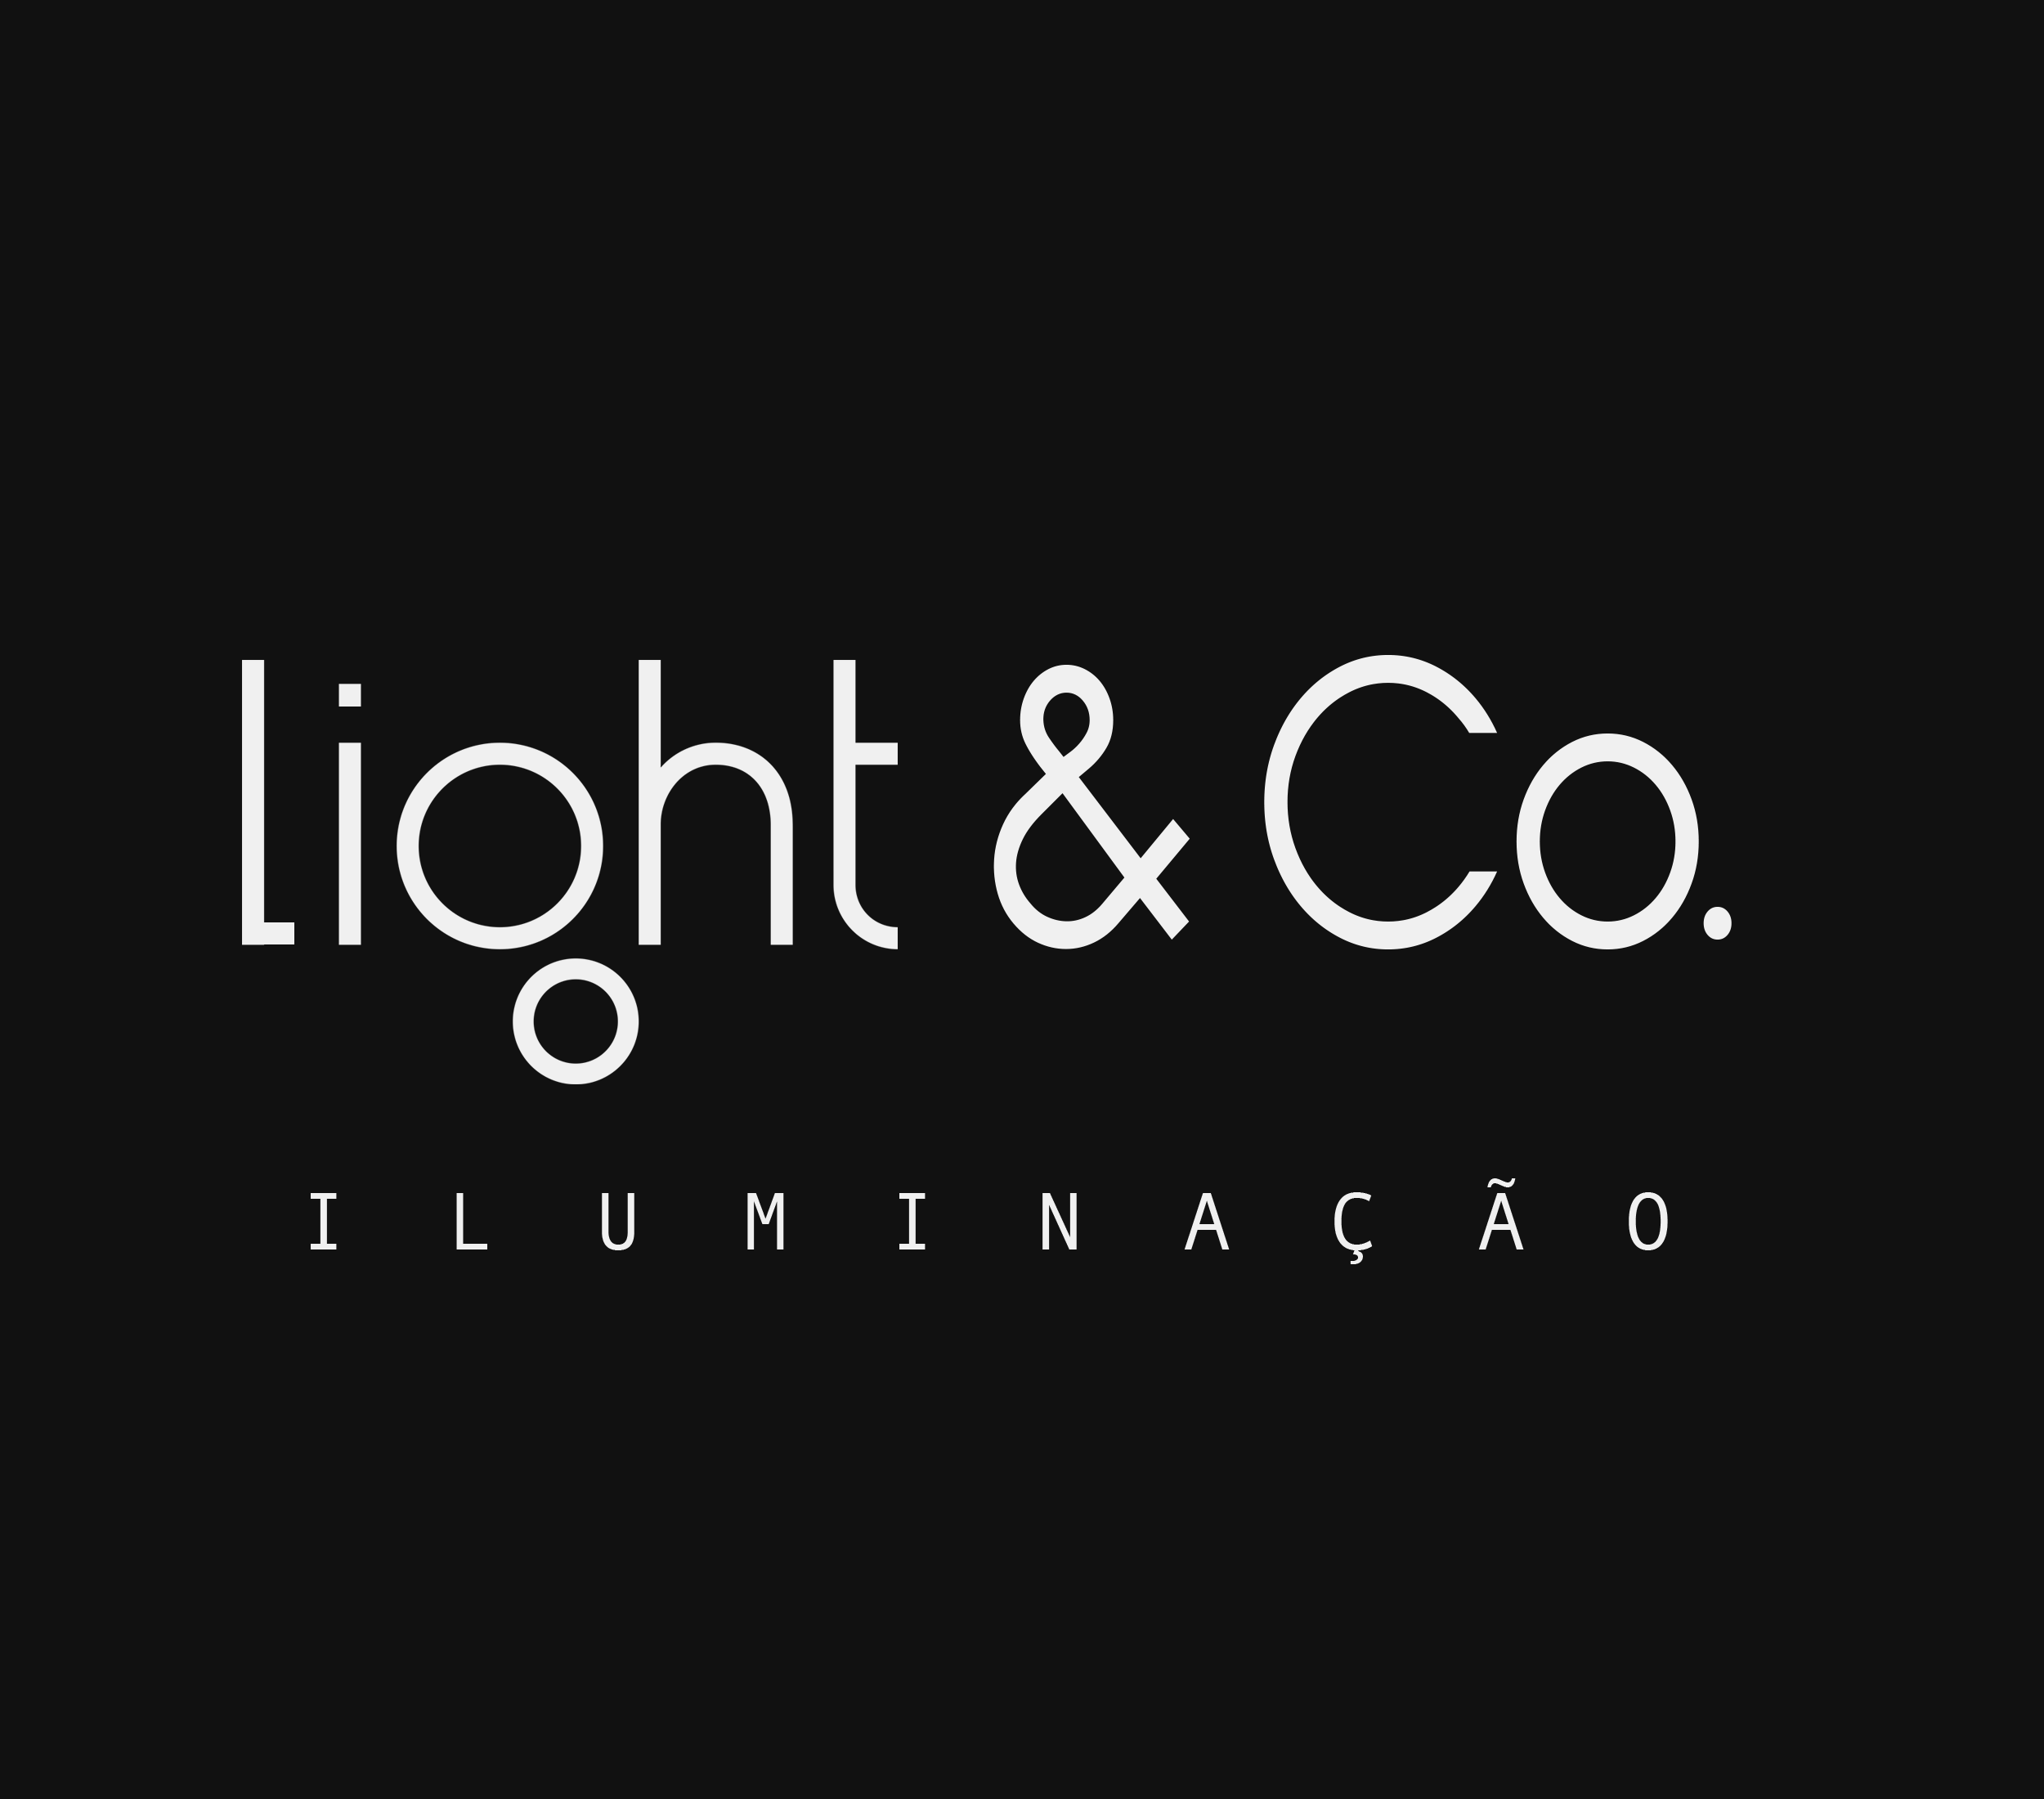 Light & Co